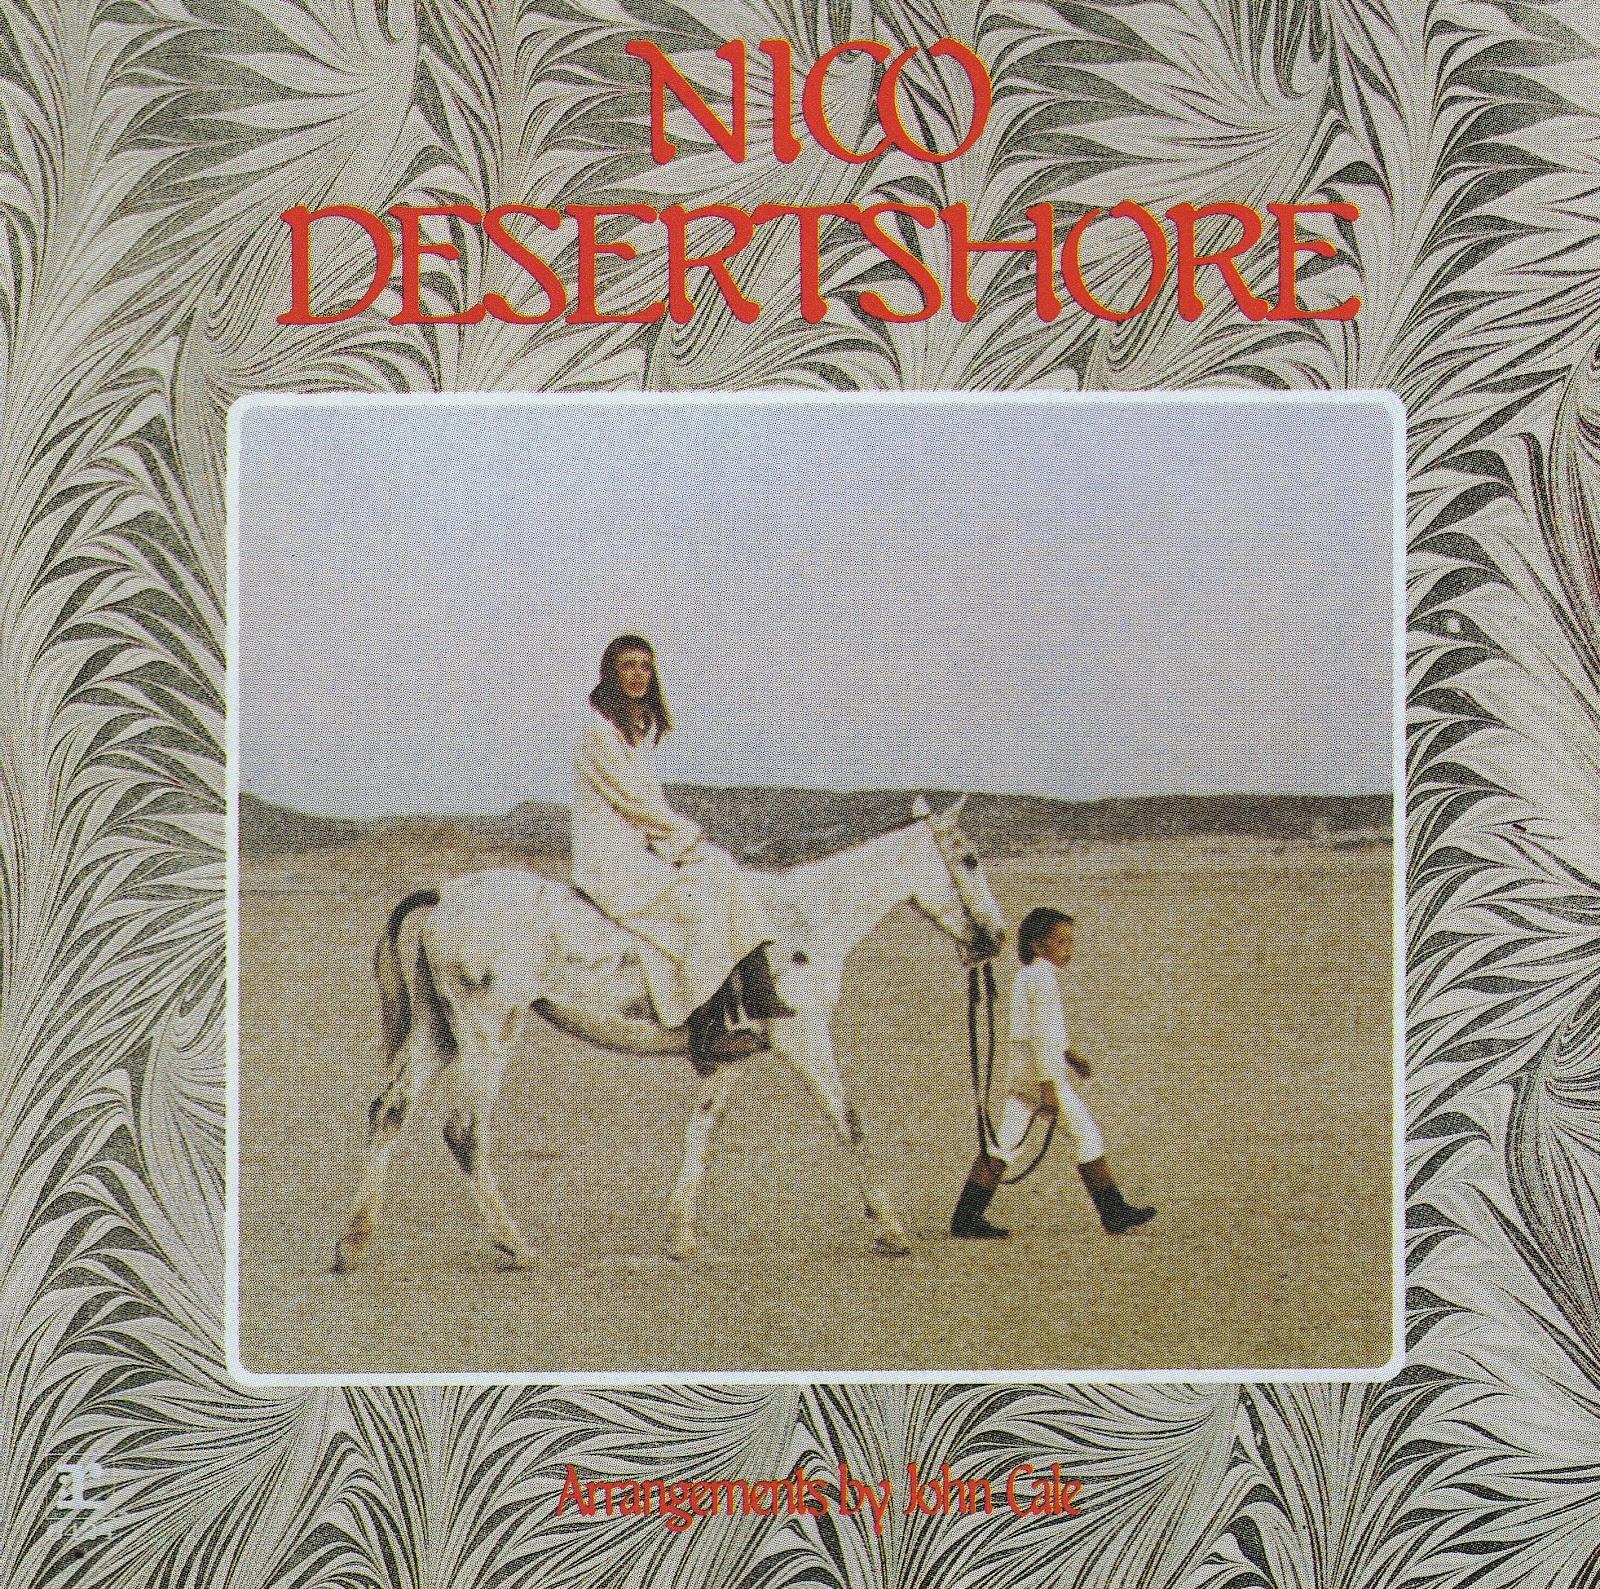 LOS SUEÑOS : Los Discos de 1970  Desertshore